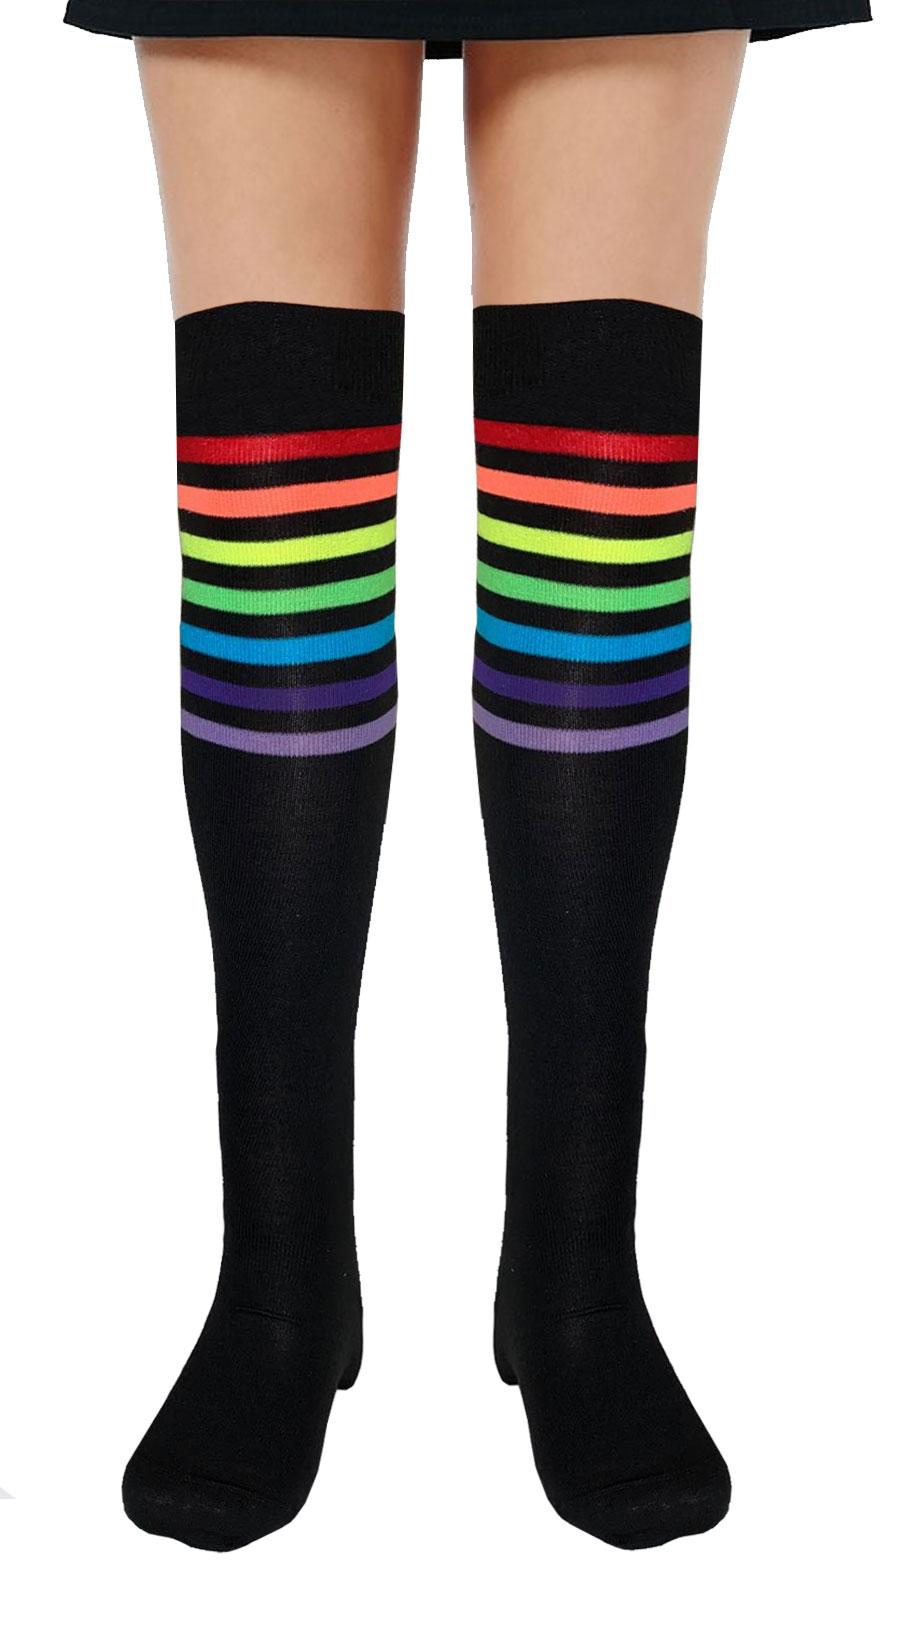 Referee Black and Rainbow OTK Socks (12 Pairs)